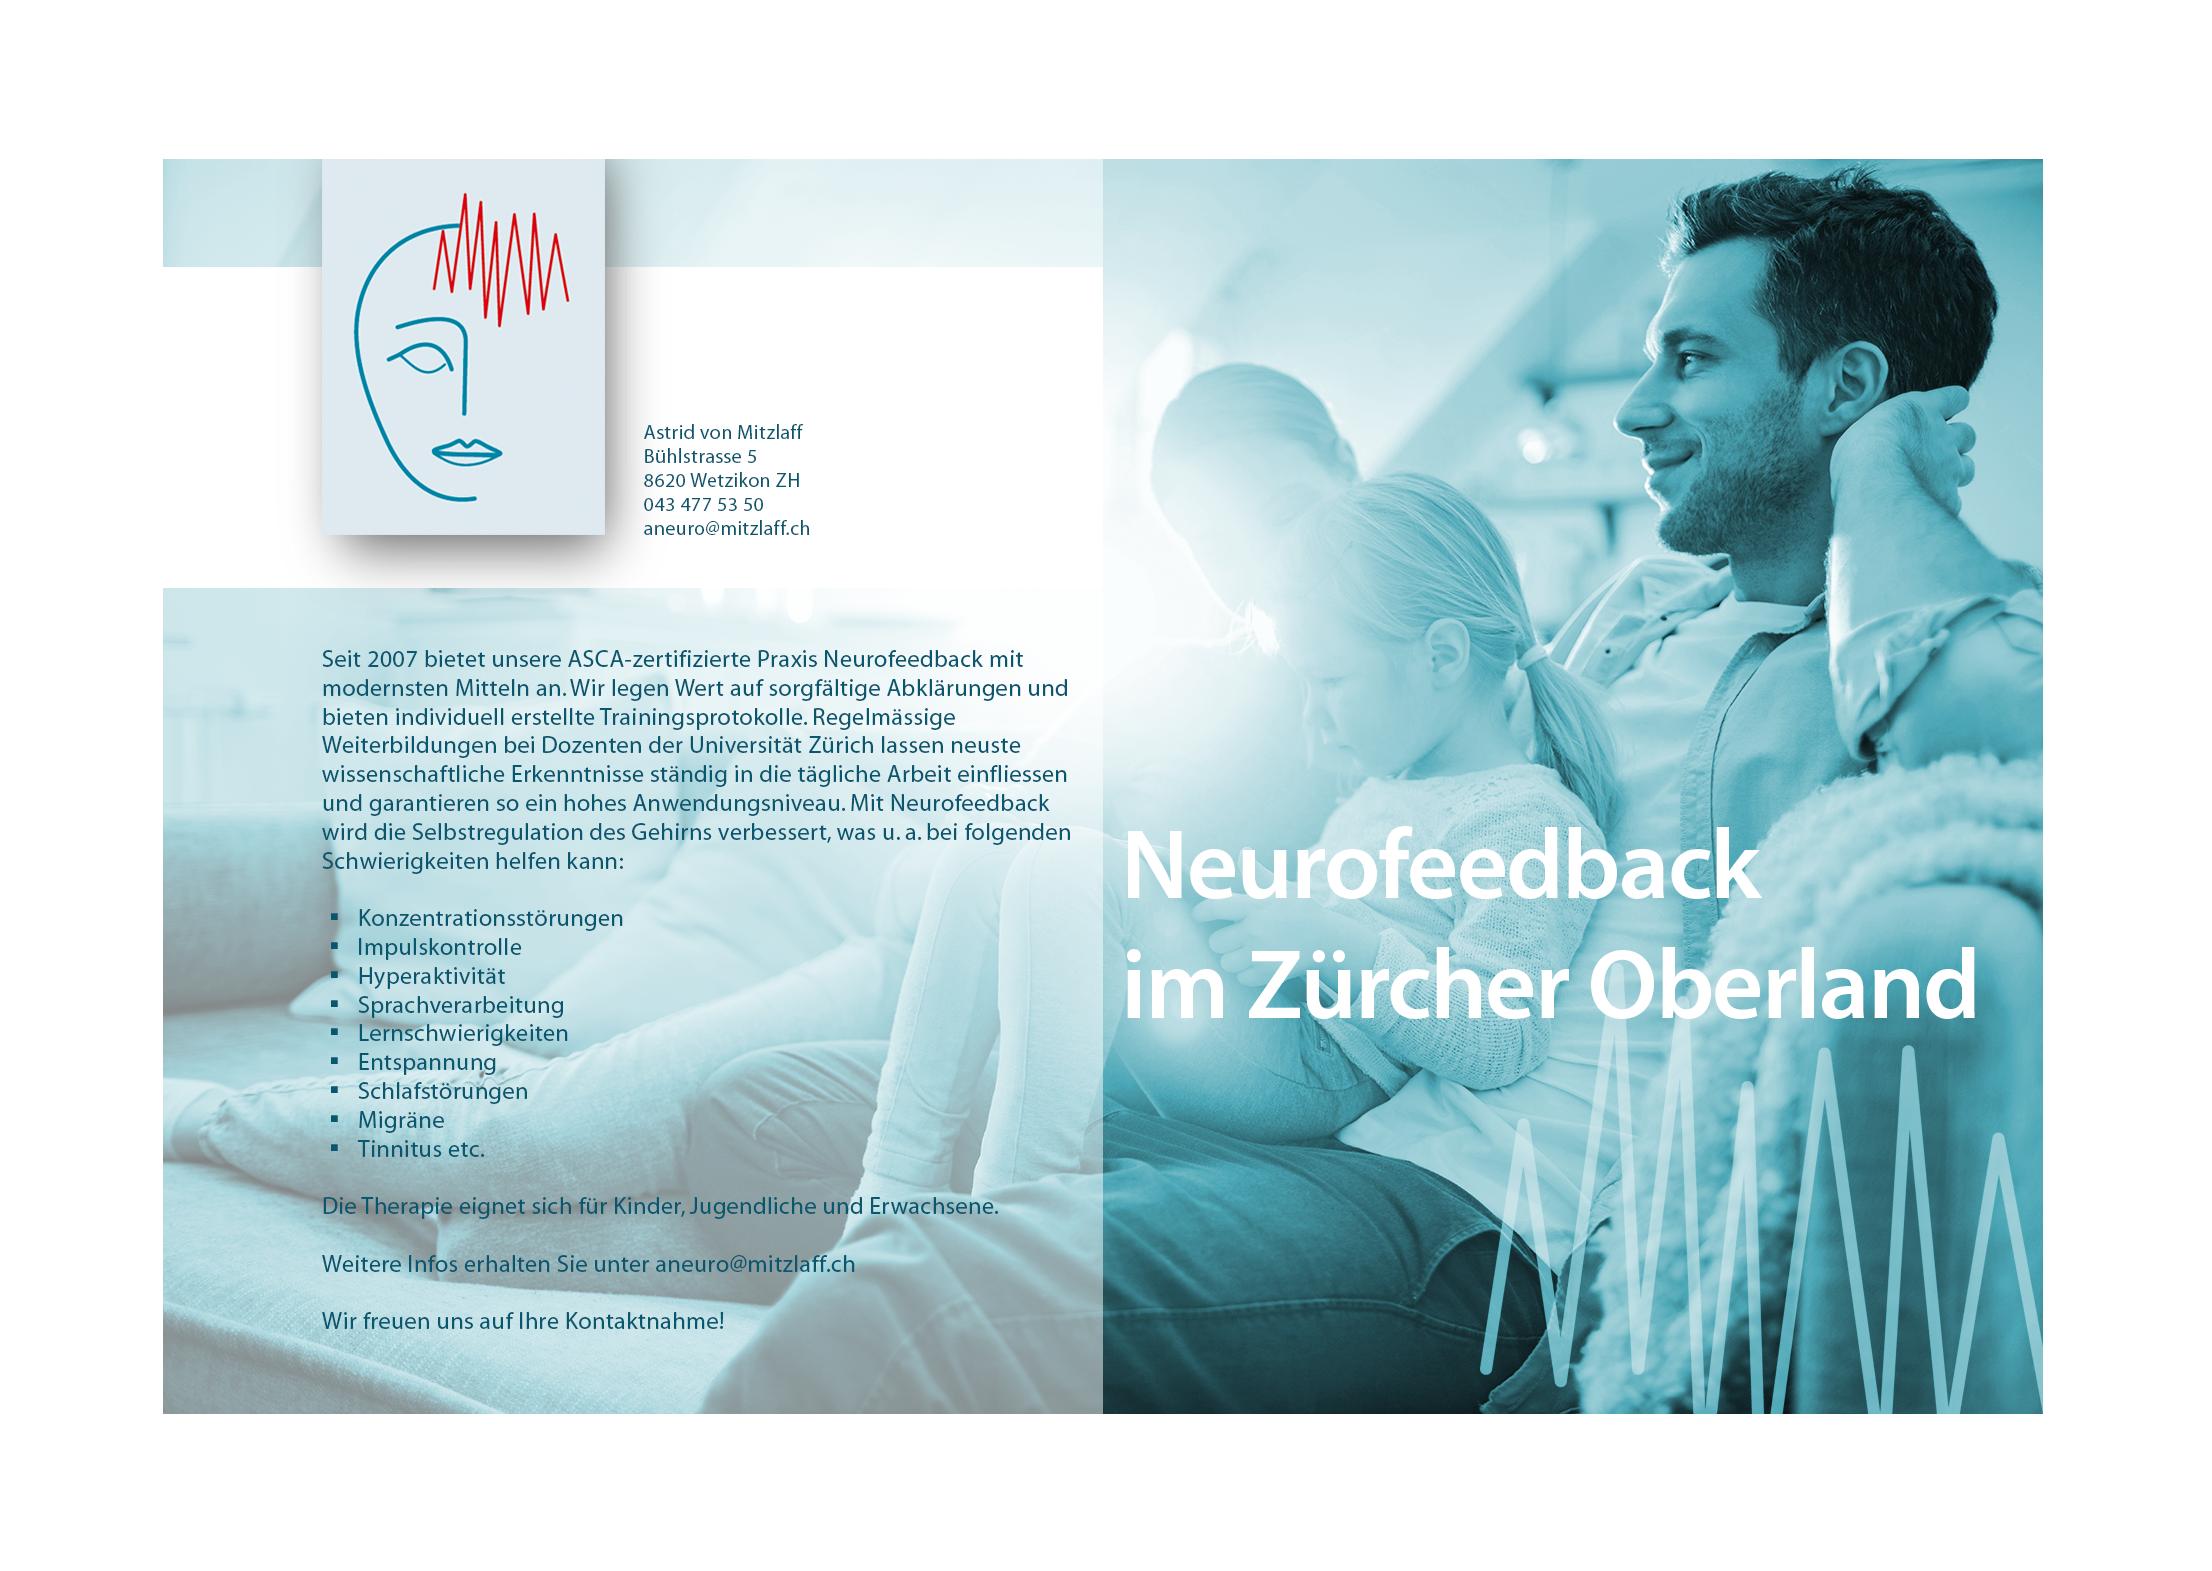 Astrid Mitzlaff Neurofeedback